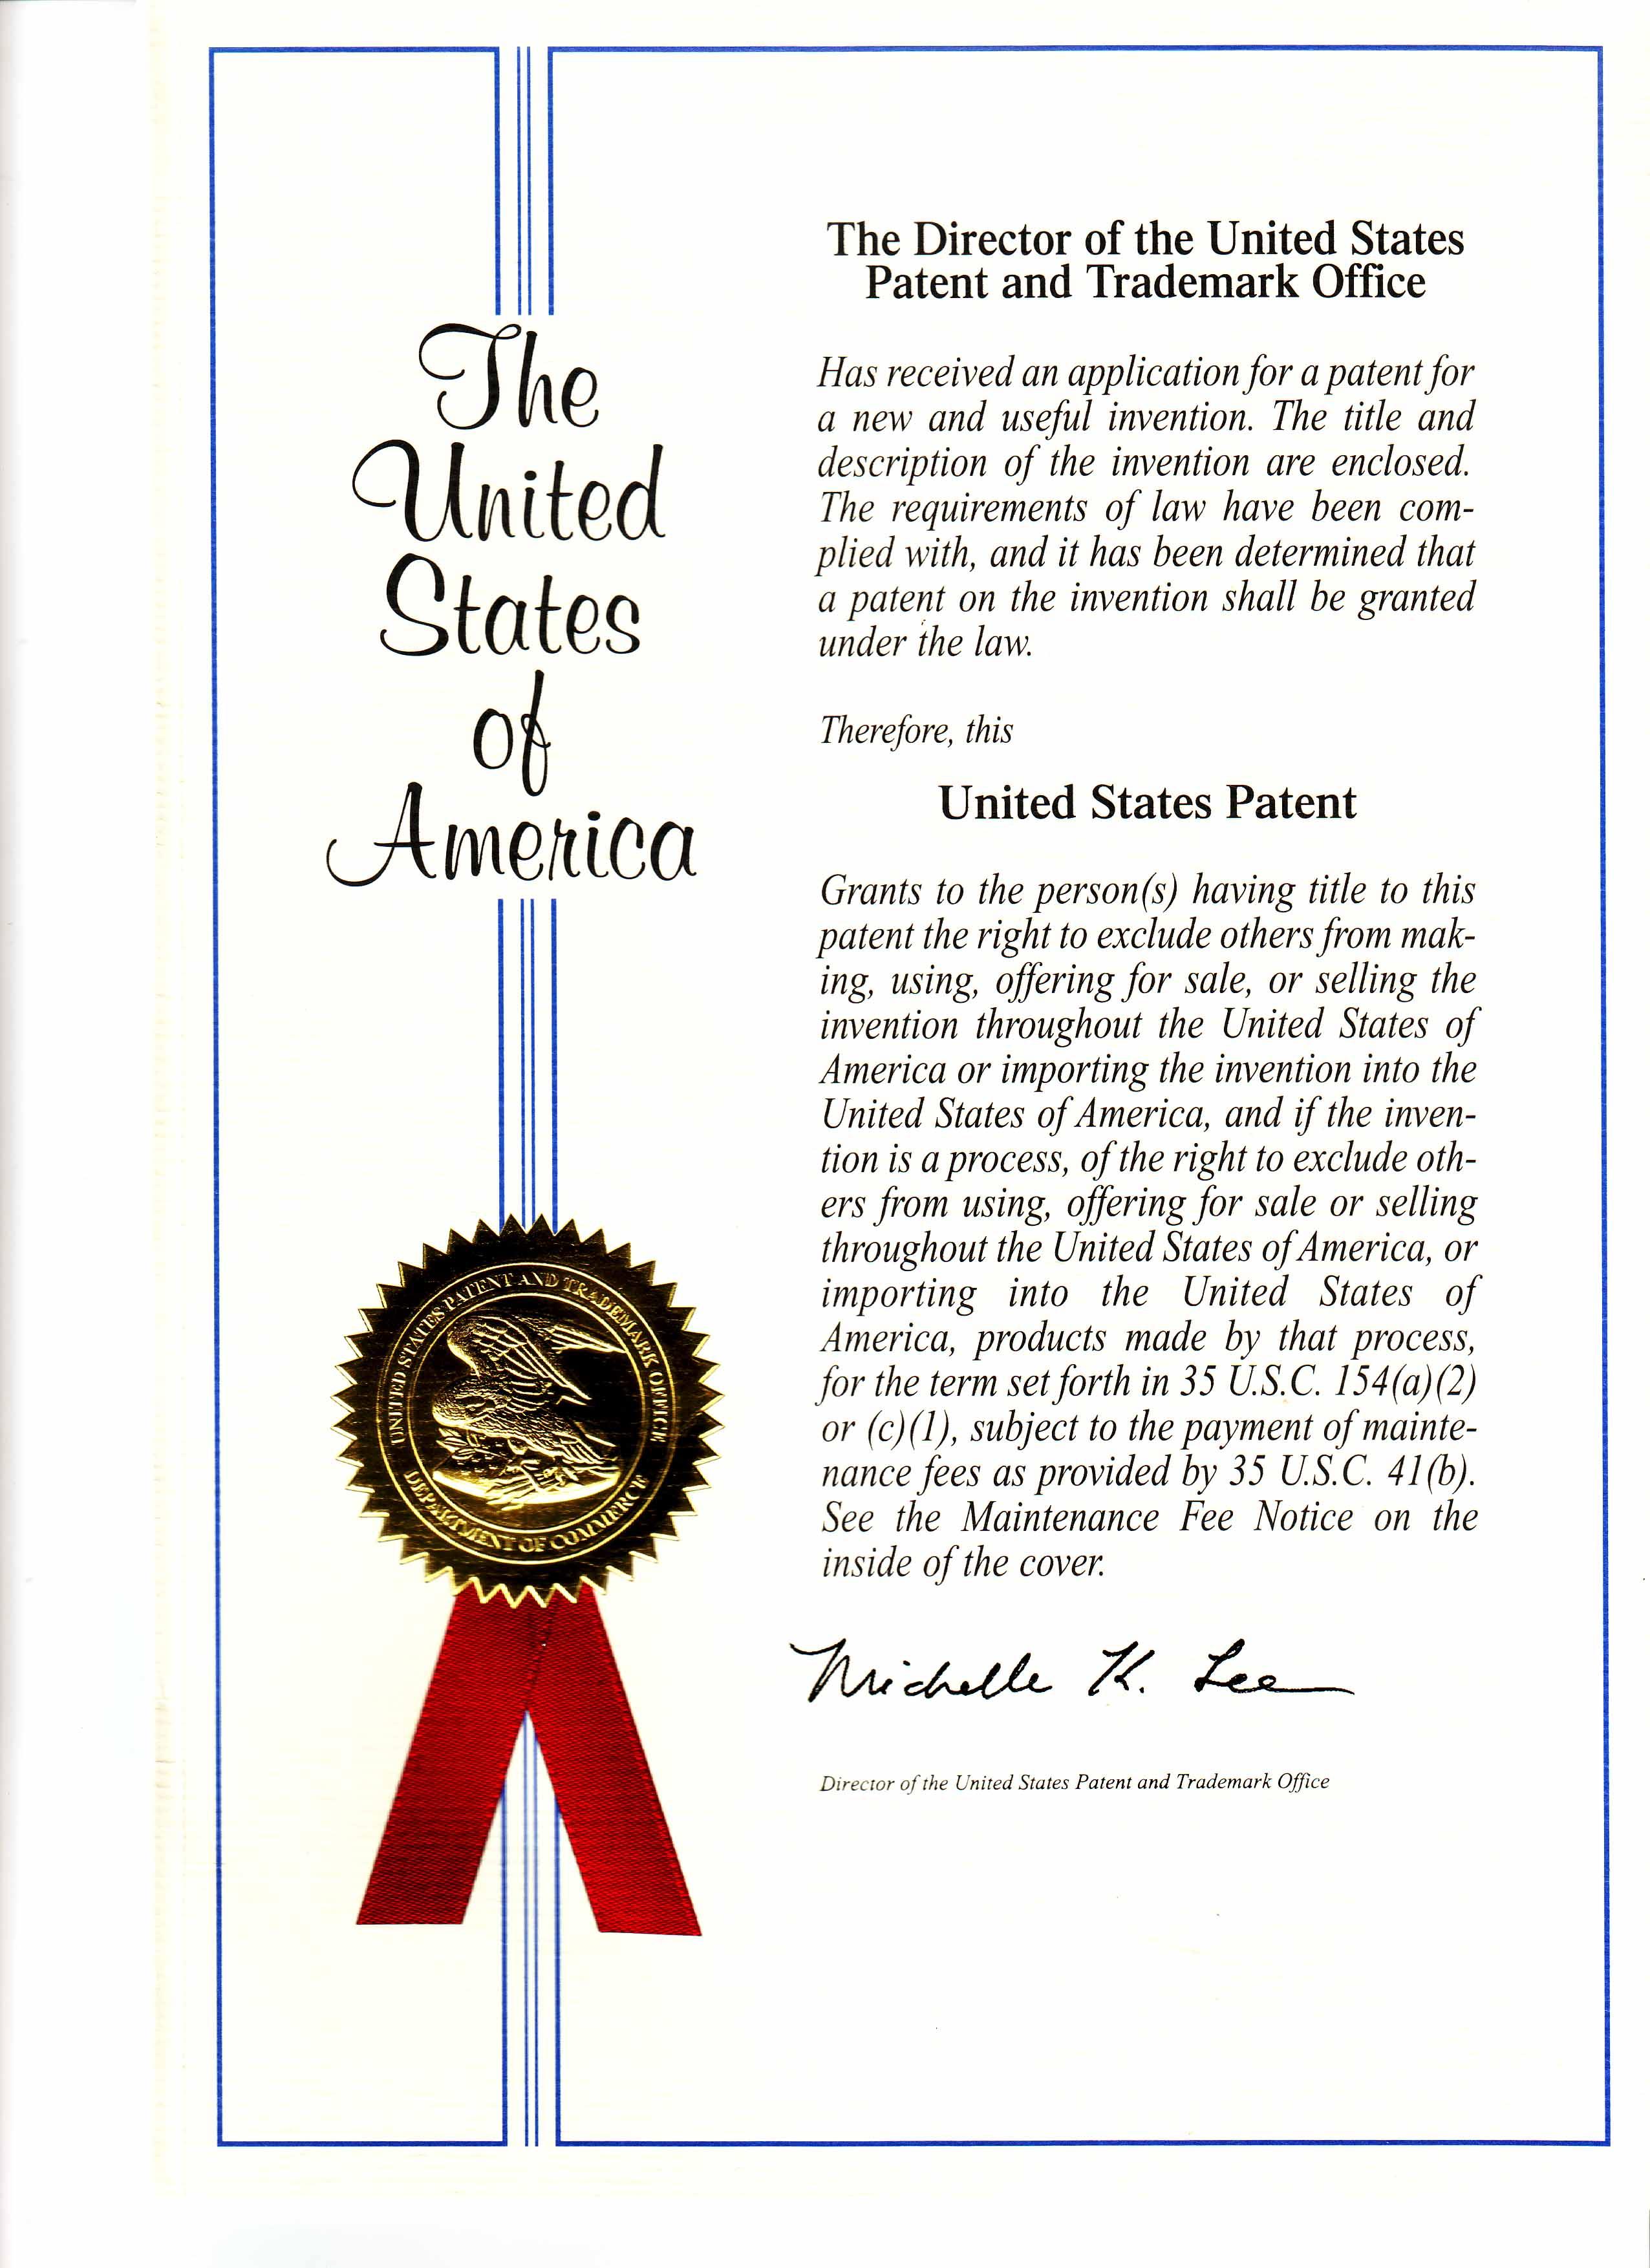 美國專利證書第1頁-首頁